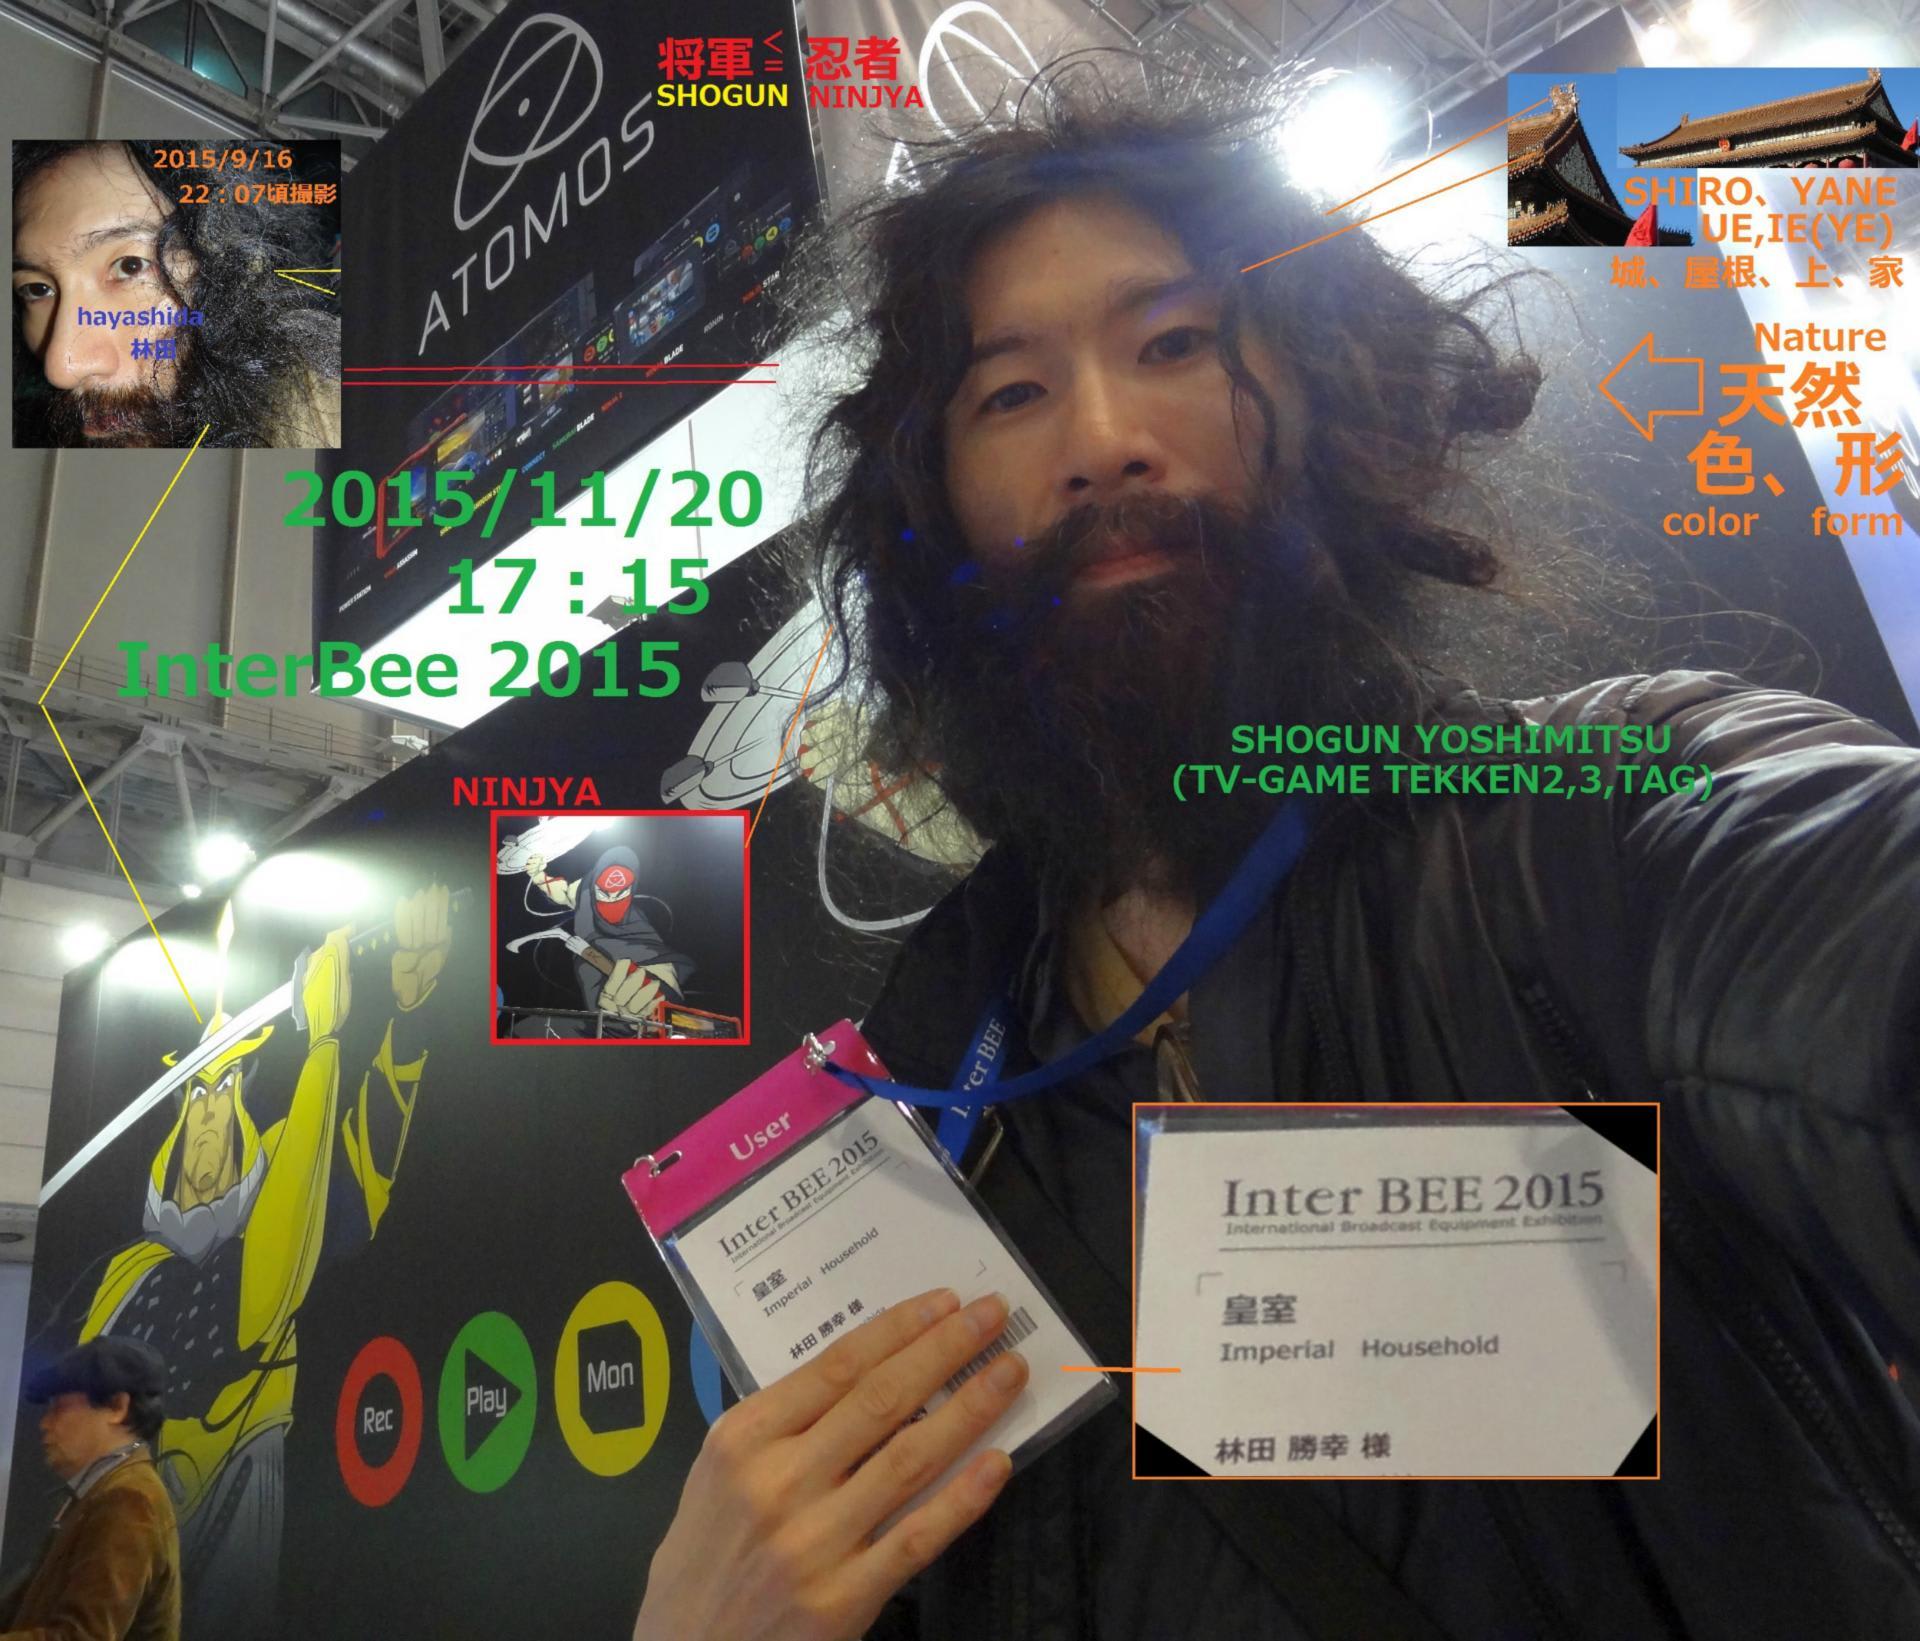 東京オートサロン2016〜2017 本スレ4 [無断転載禁止]©2ch.netYouTube動画>3本 ->画像>1380枚